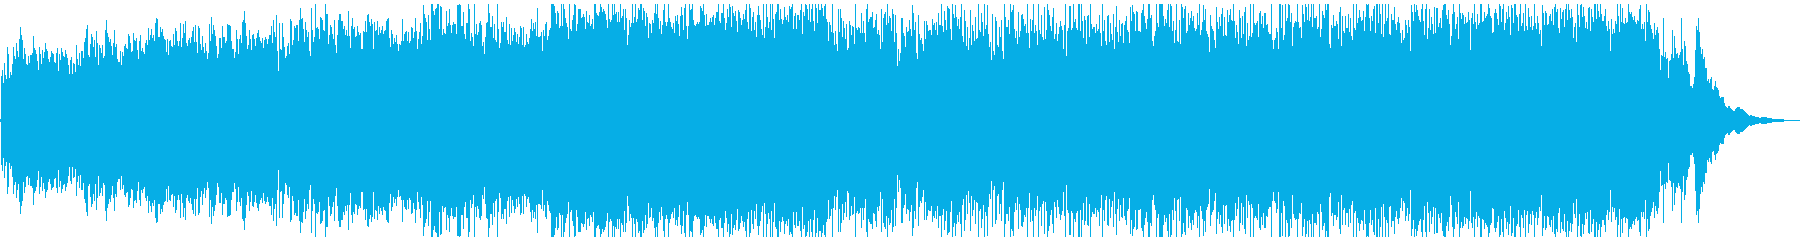 現代的 交響曲 室内楽 エレクトロ...の再生済みの波形